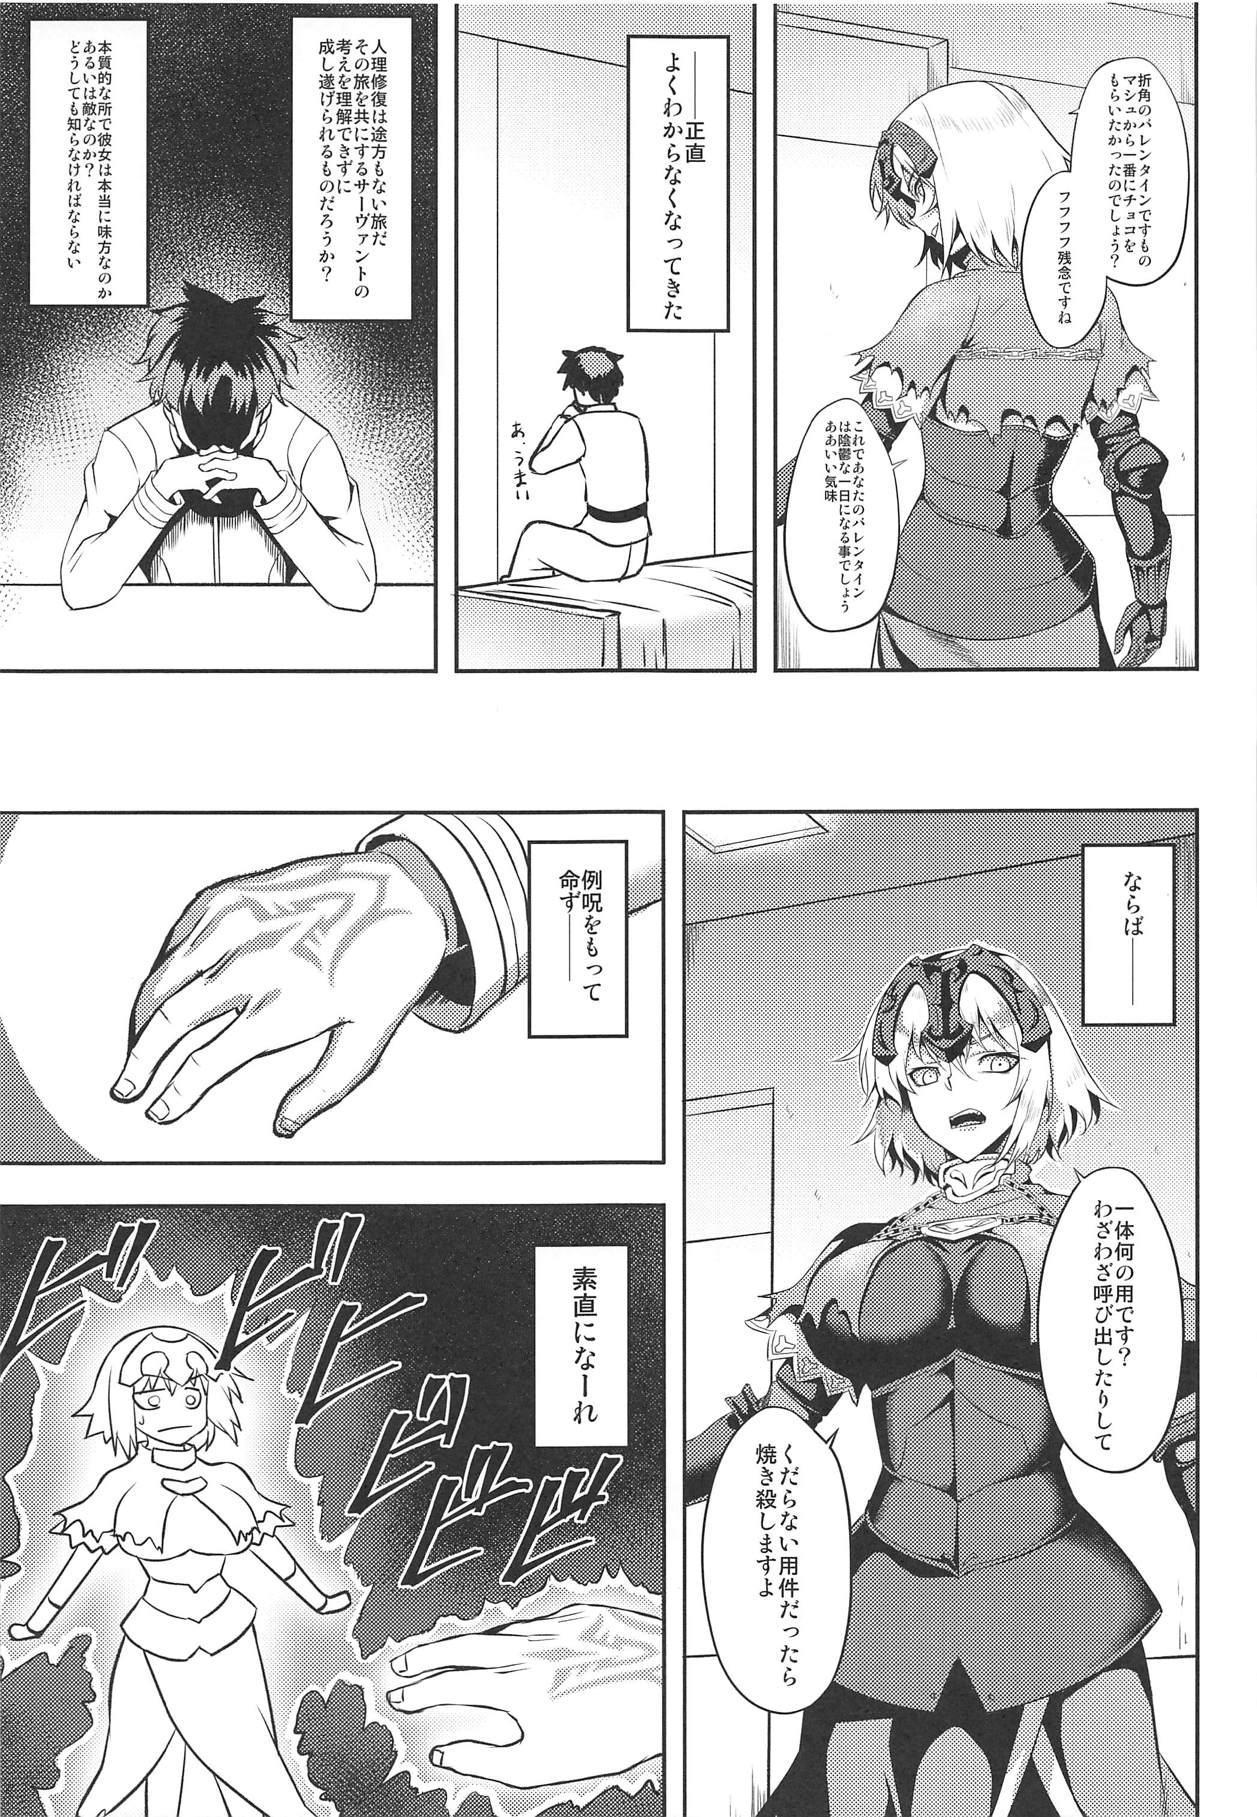 Sugao no Mama no Kimi de Ite 4